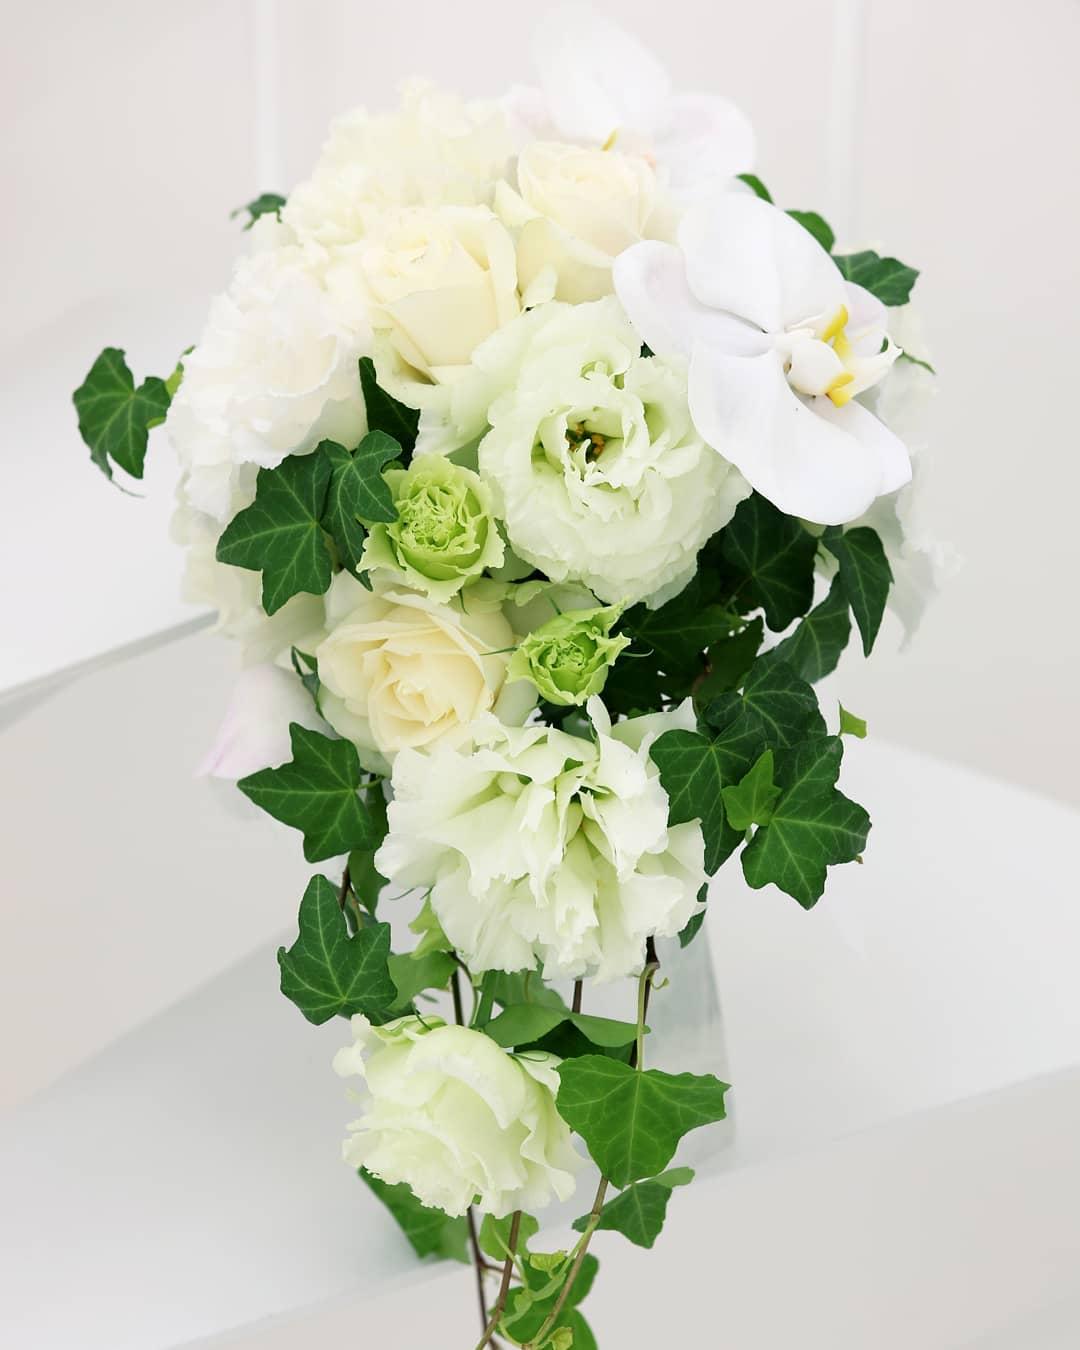 スタッフによる今月のお花。白薔薇、トルコ桔梗、胡蝶蘭、アイビーを使ったブライダルブーケ。